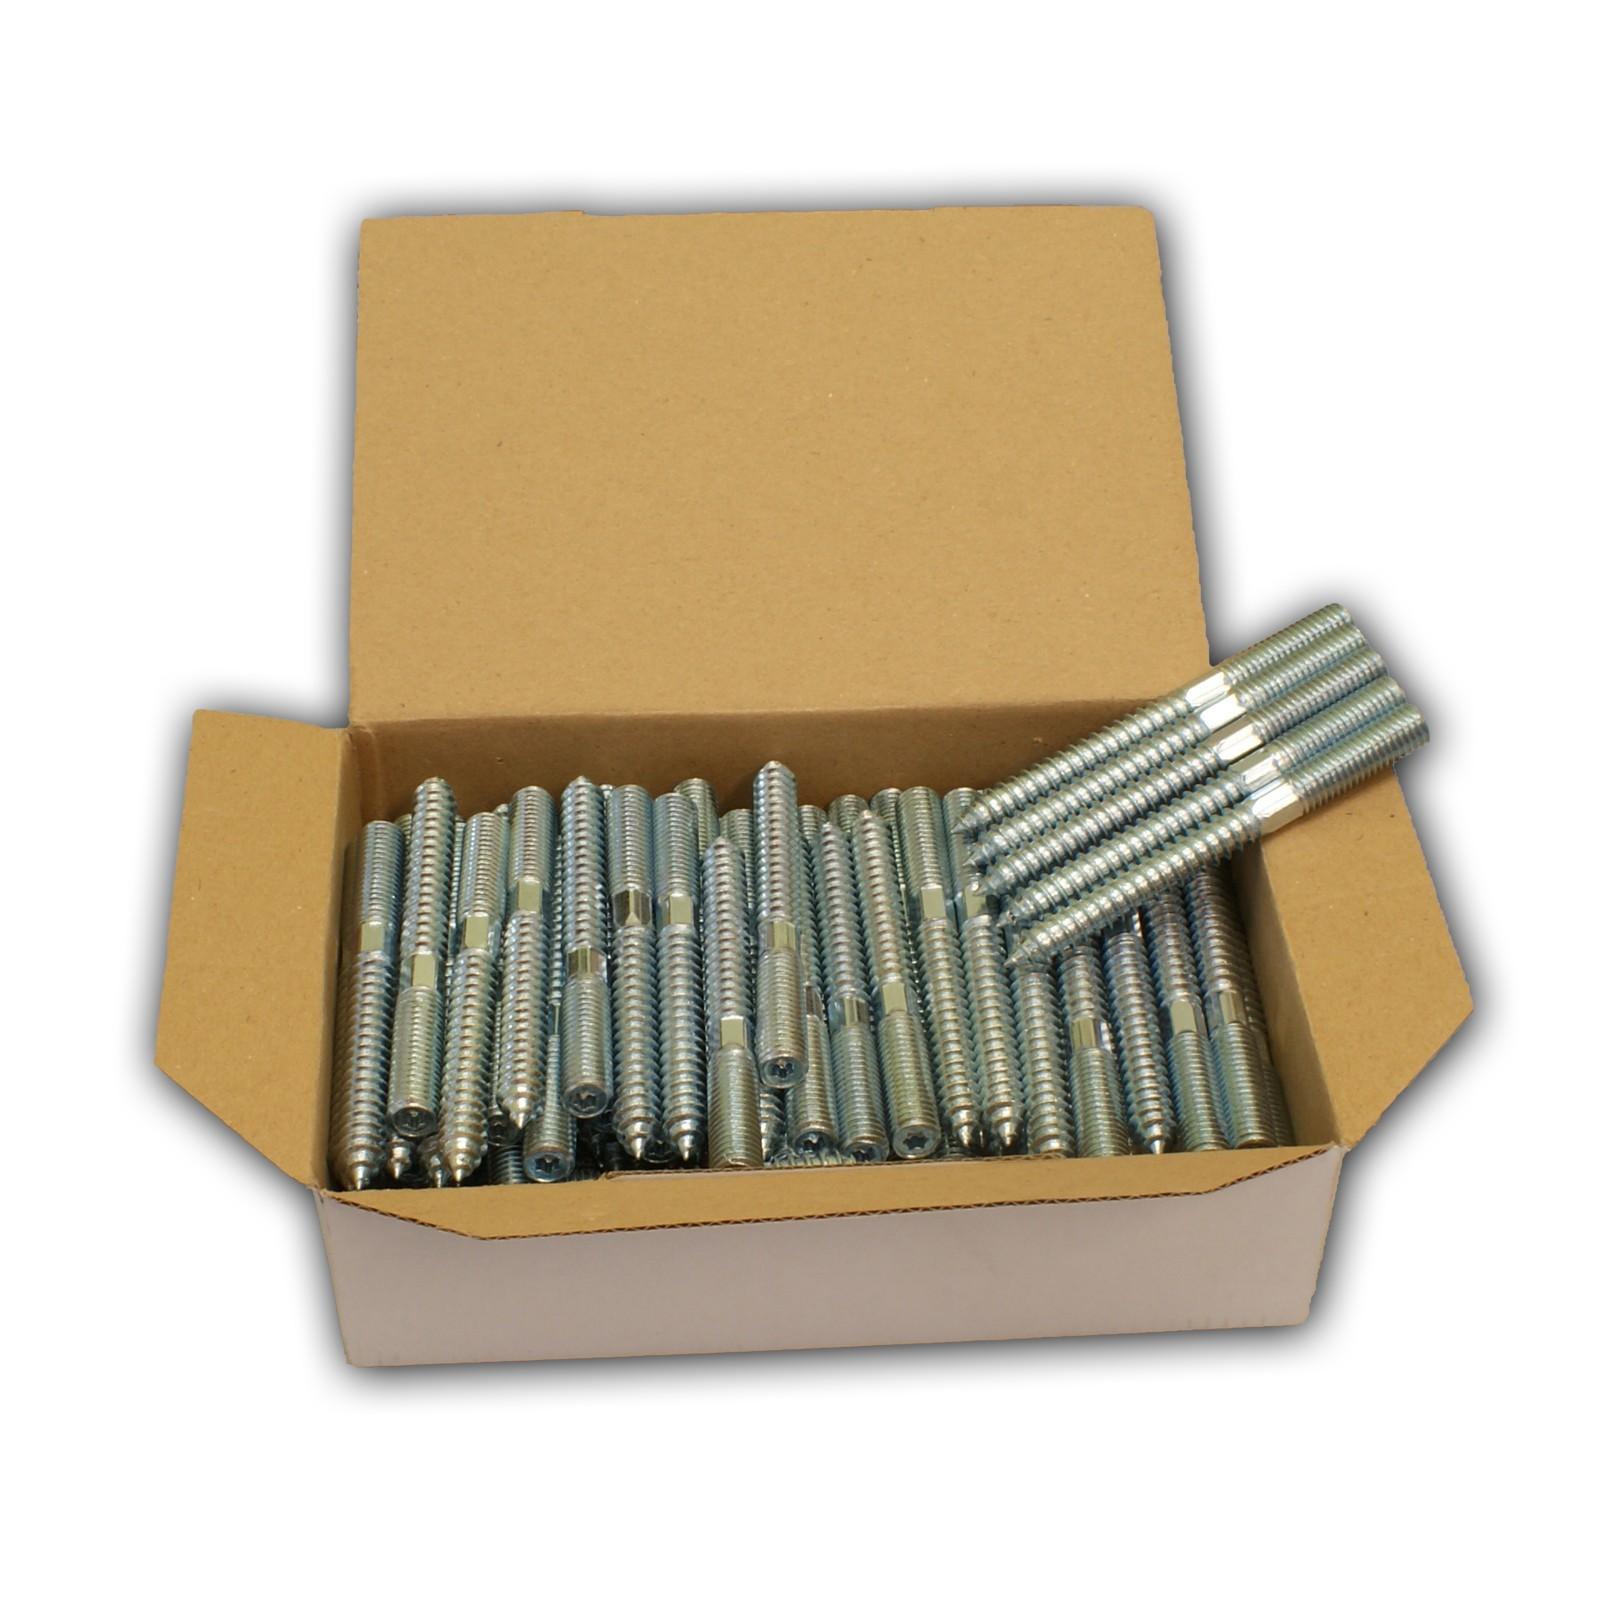 100x Stockschrauben M10 x 160 mm Gewinde Holzschrauben verzinkt